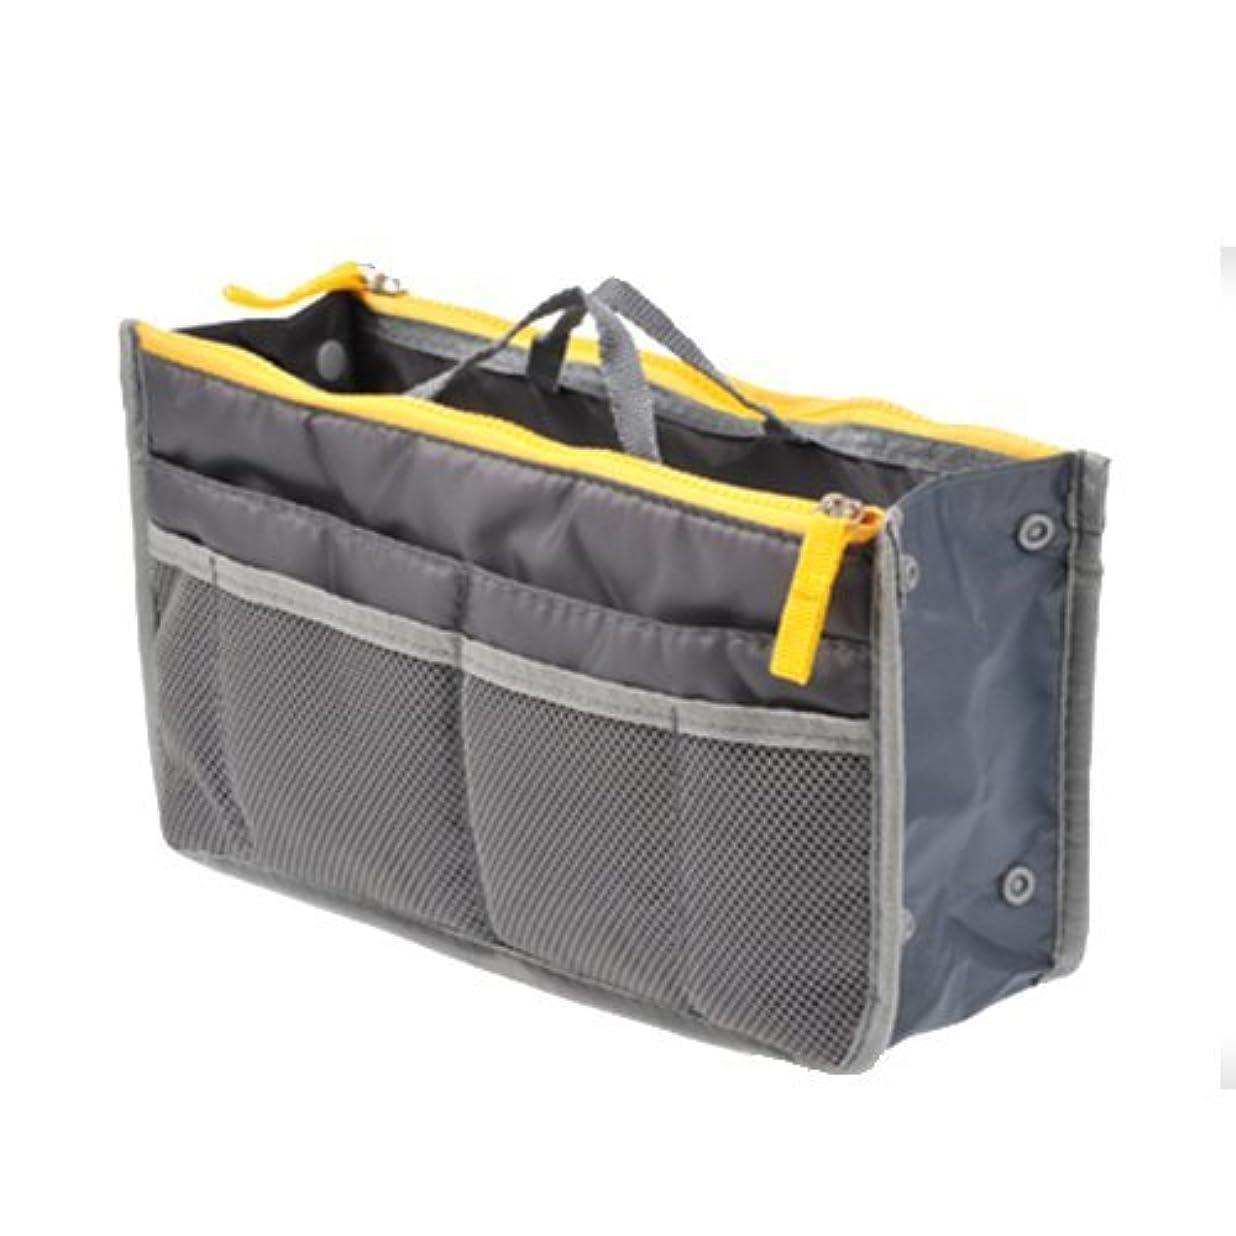 安息コンパニオンフィードオンTENDOC 高品質 バッグでバッグを簡単収納 お財布 携帯などの必需品から手帳やペンもピッタリサイズ グレー